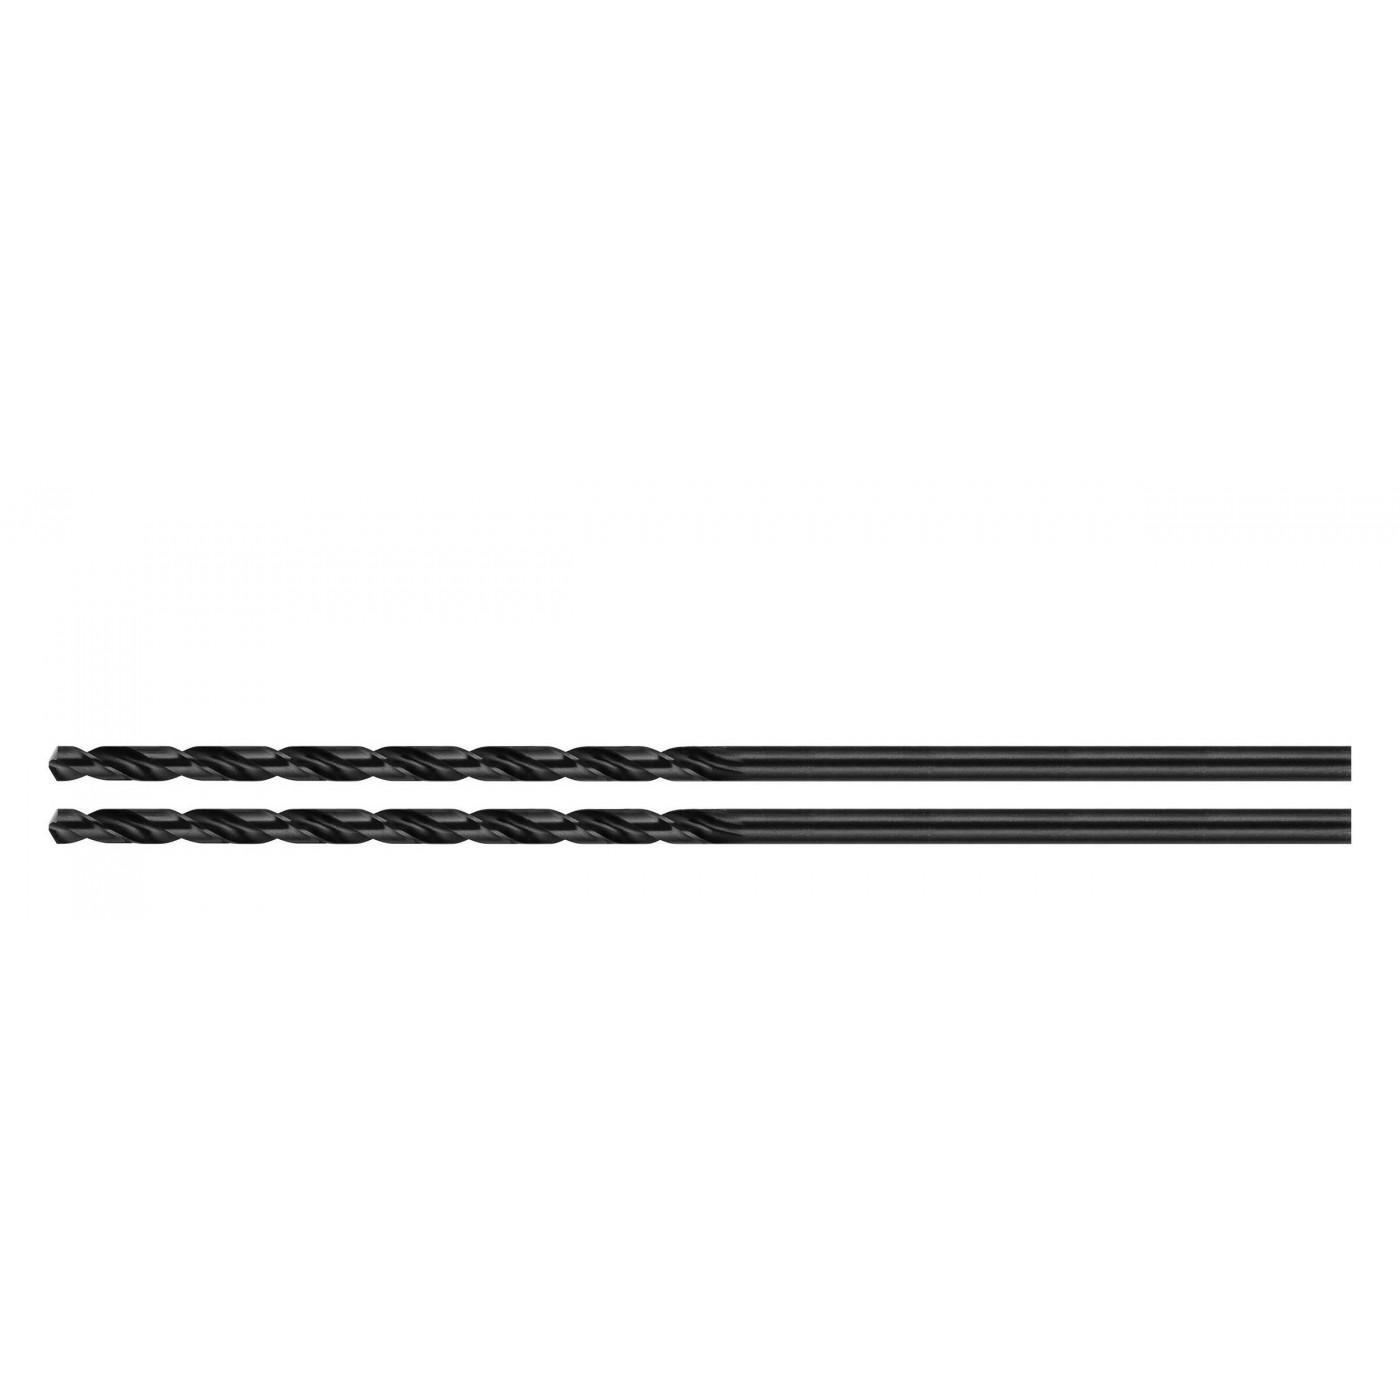 Set of 2 metal drill bits (HSS, 11.5x200 mm)